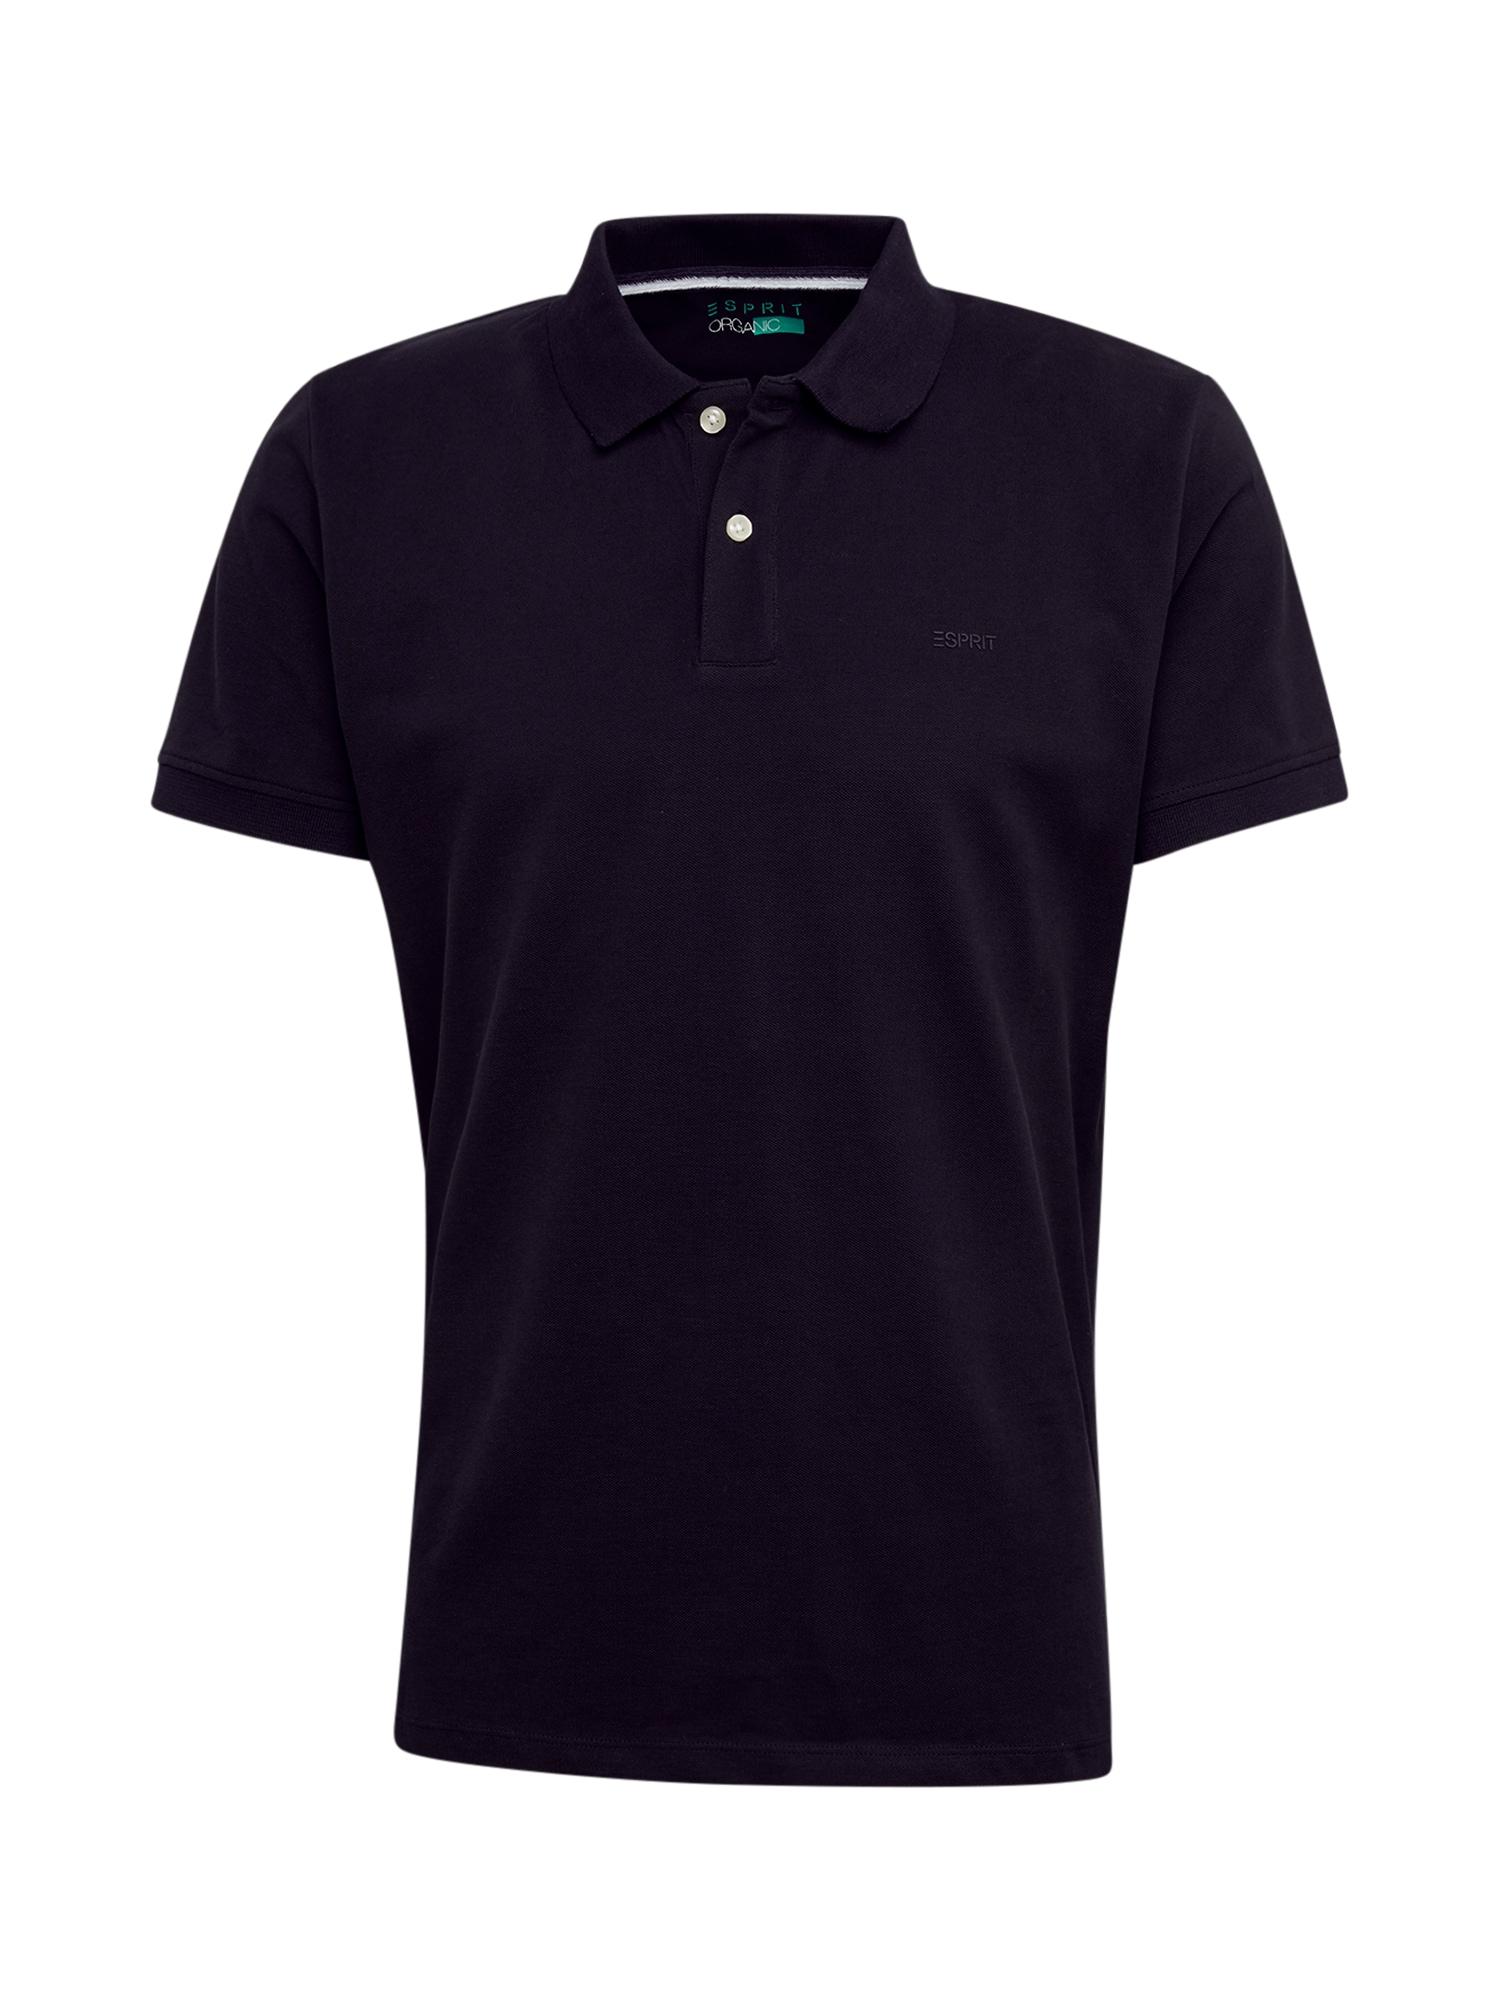 ESPRIT Marškinėliai 'OCS N pi po ss' juoda